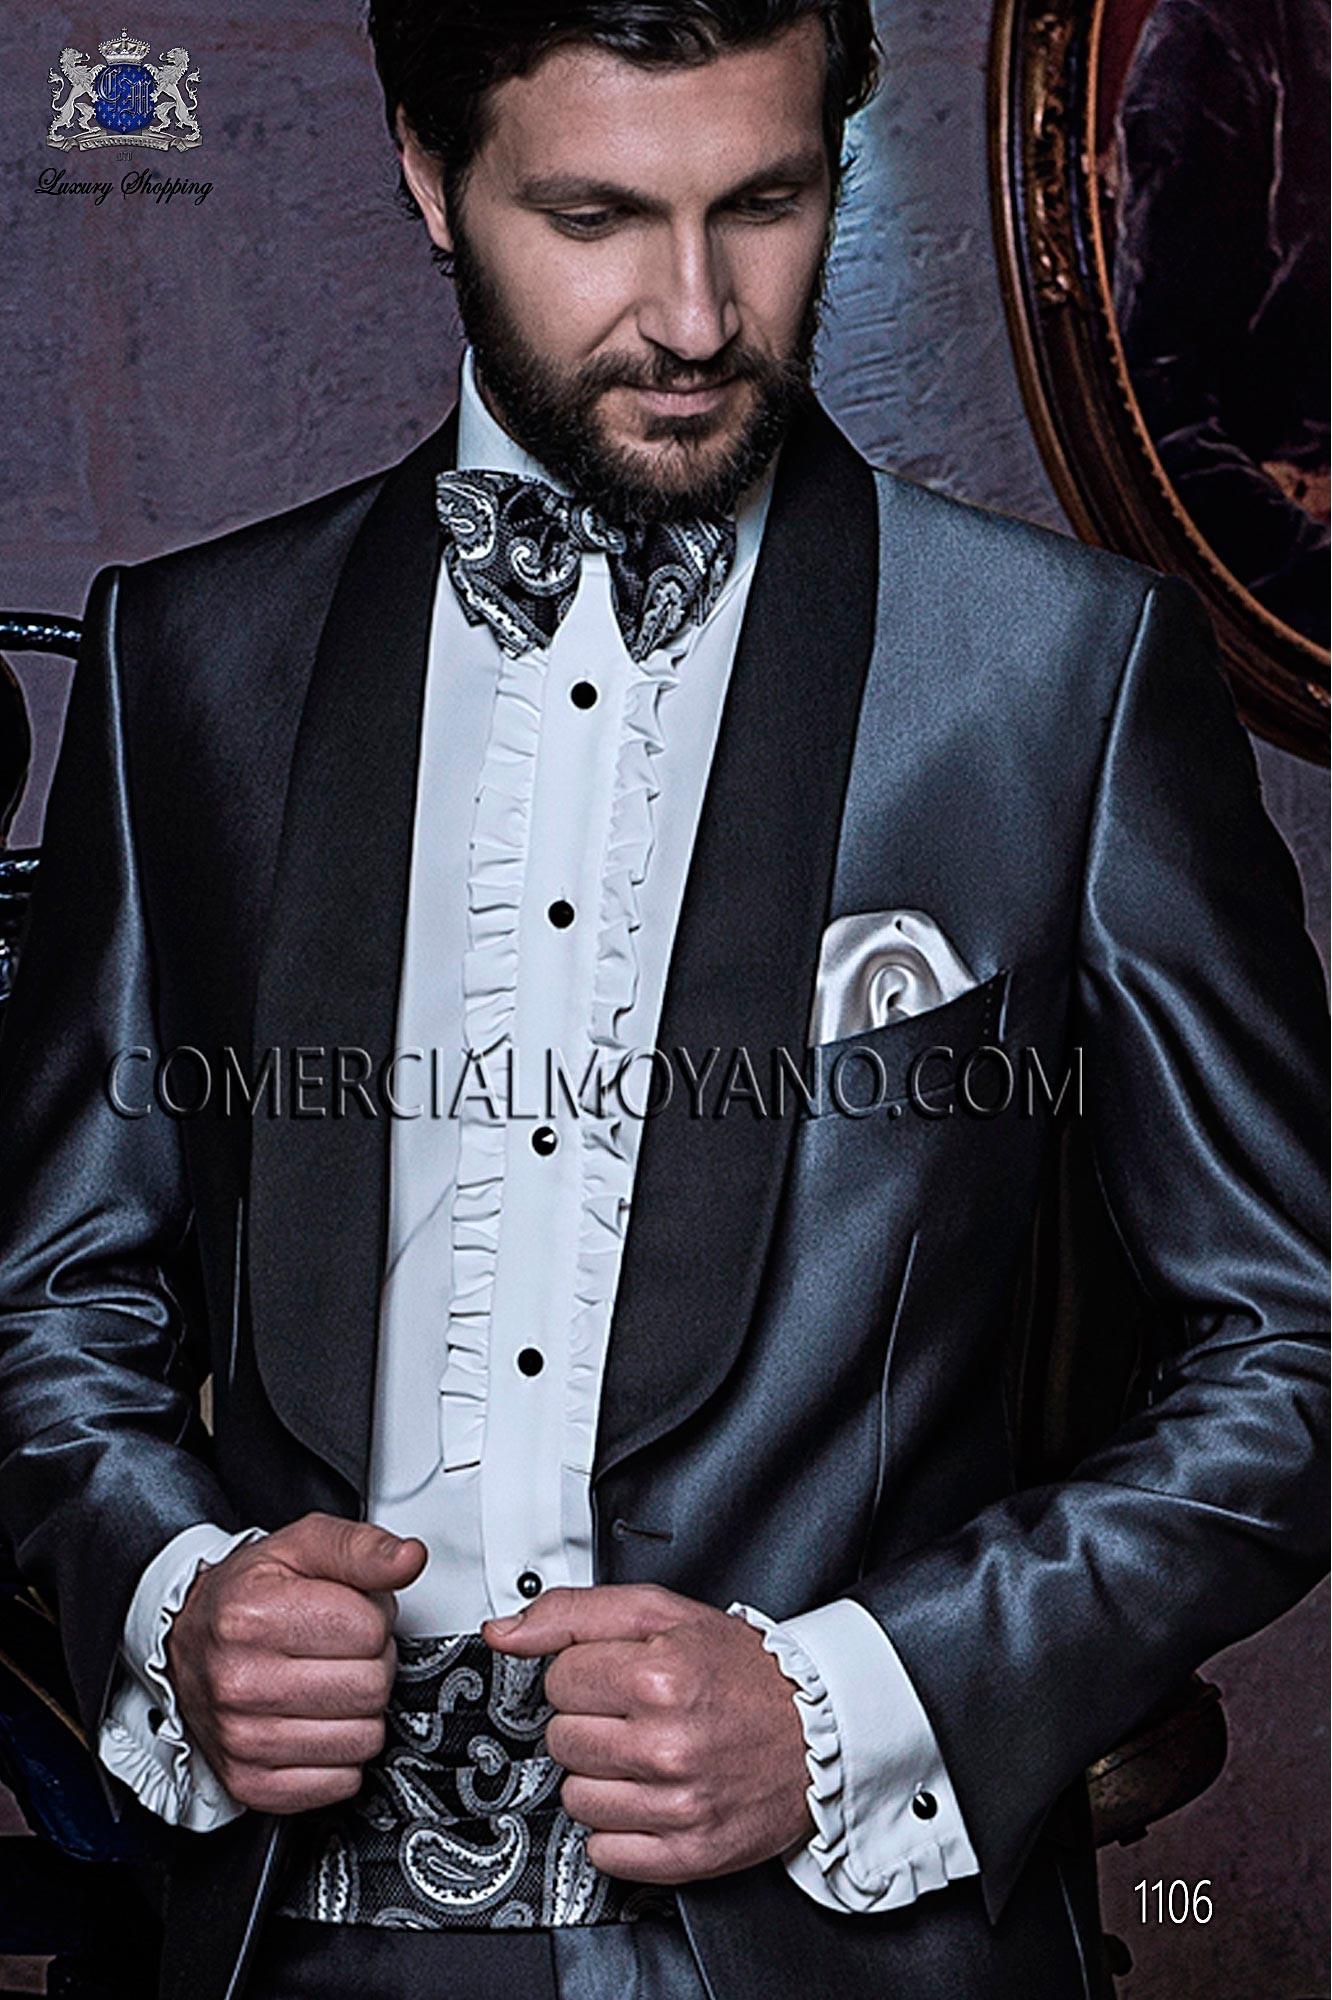 Italian blacktie Gray men wedding suit, model: 1106 Ottavio Nuccio Gala Black Tie Collection